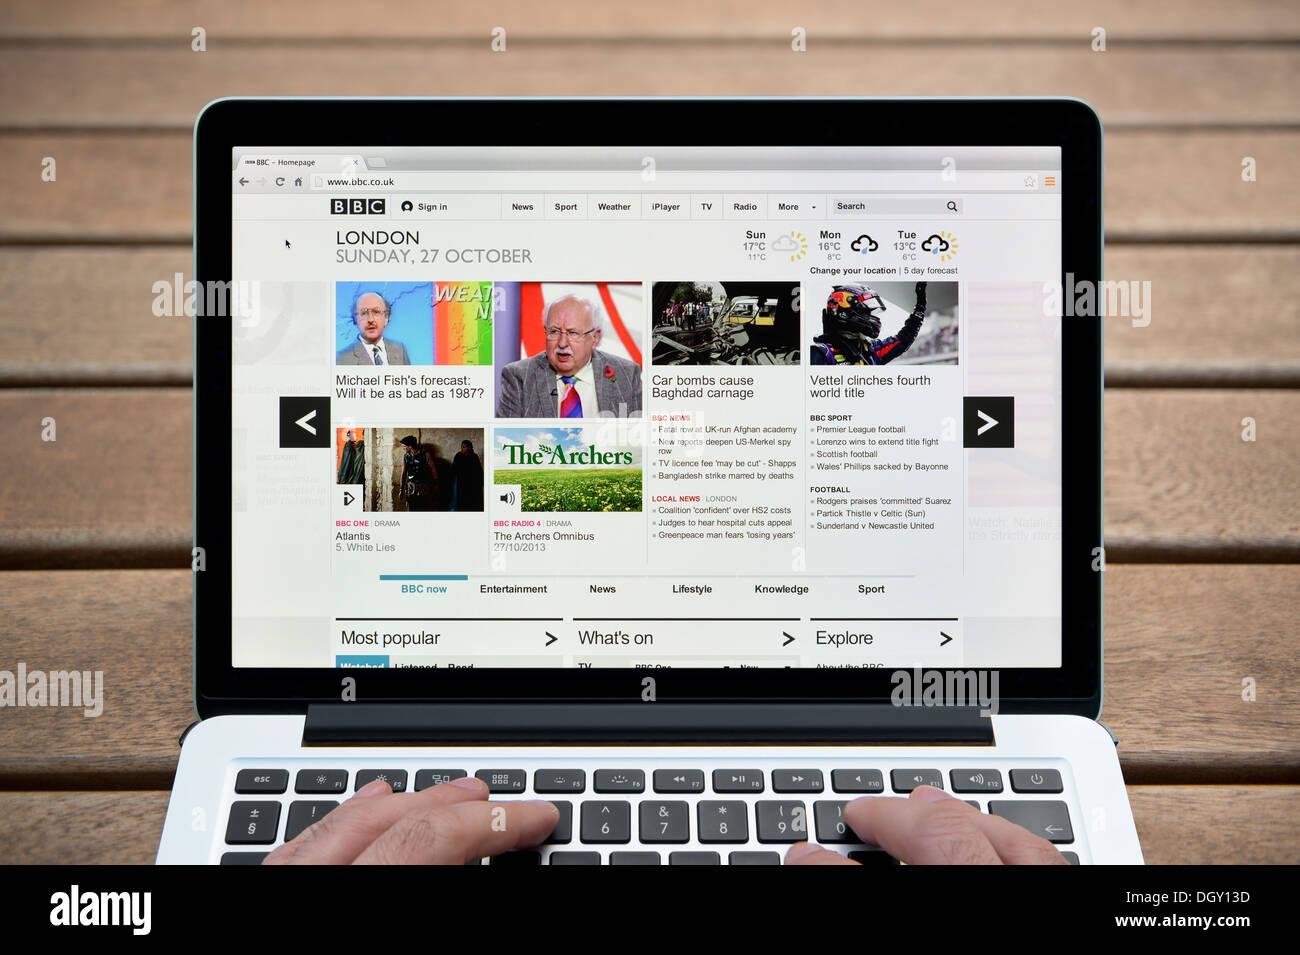 La BBC Online website en un MacBook contra un banco de madera de fondo al aire libre incluyendo un hombre de dedos (uso Editorial solamente). Imagen De Stock